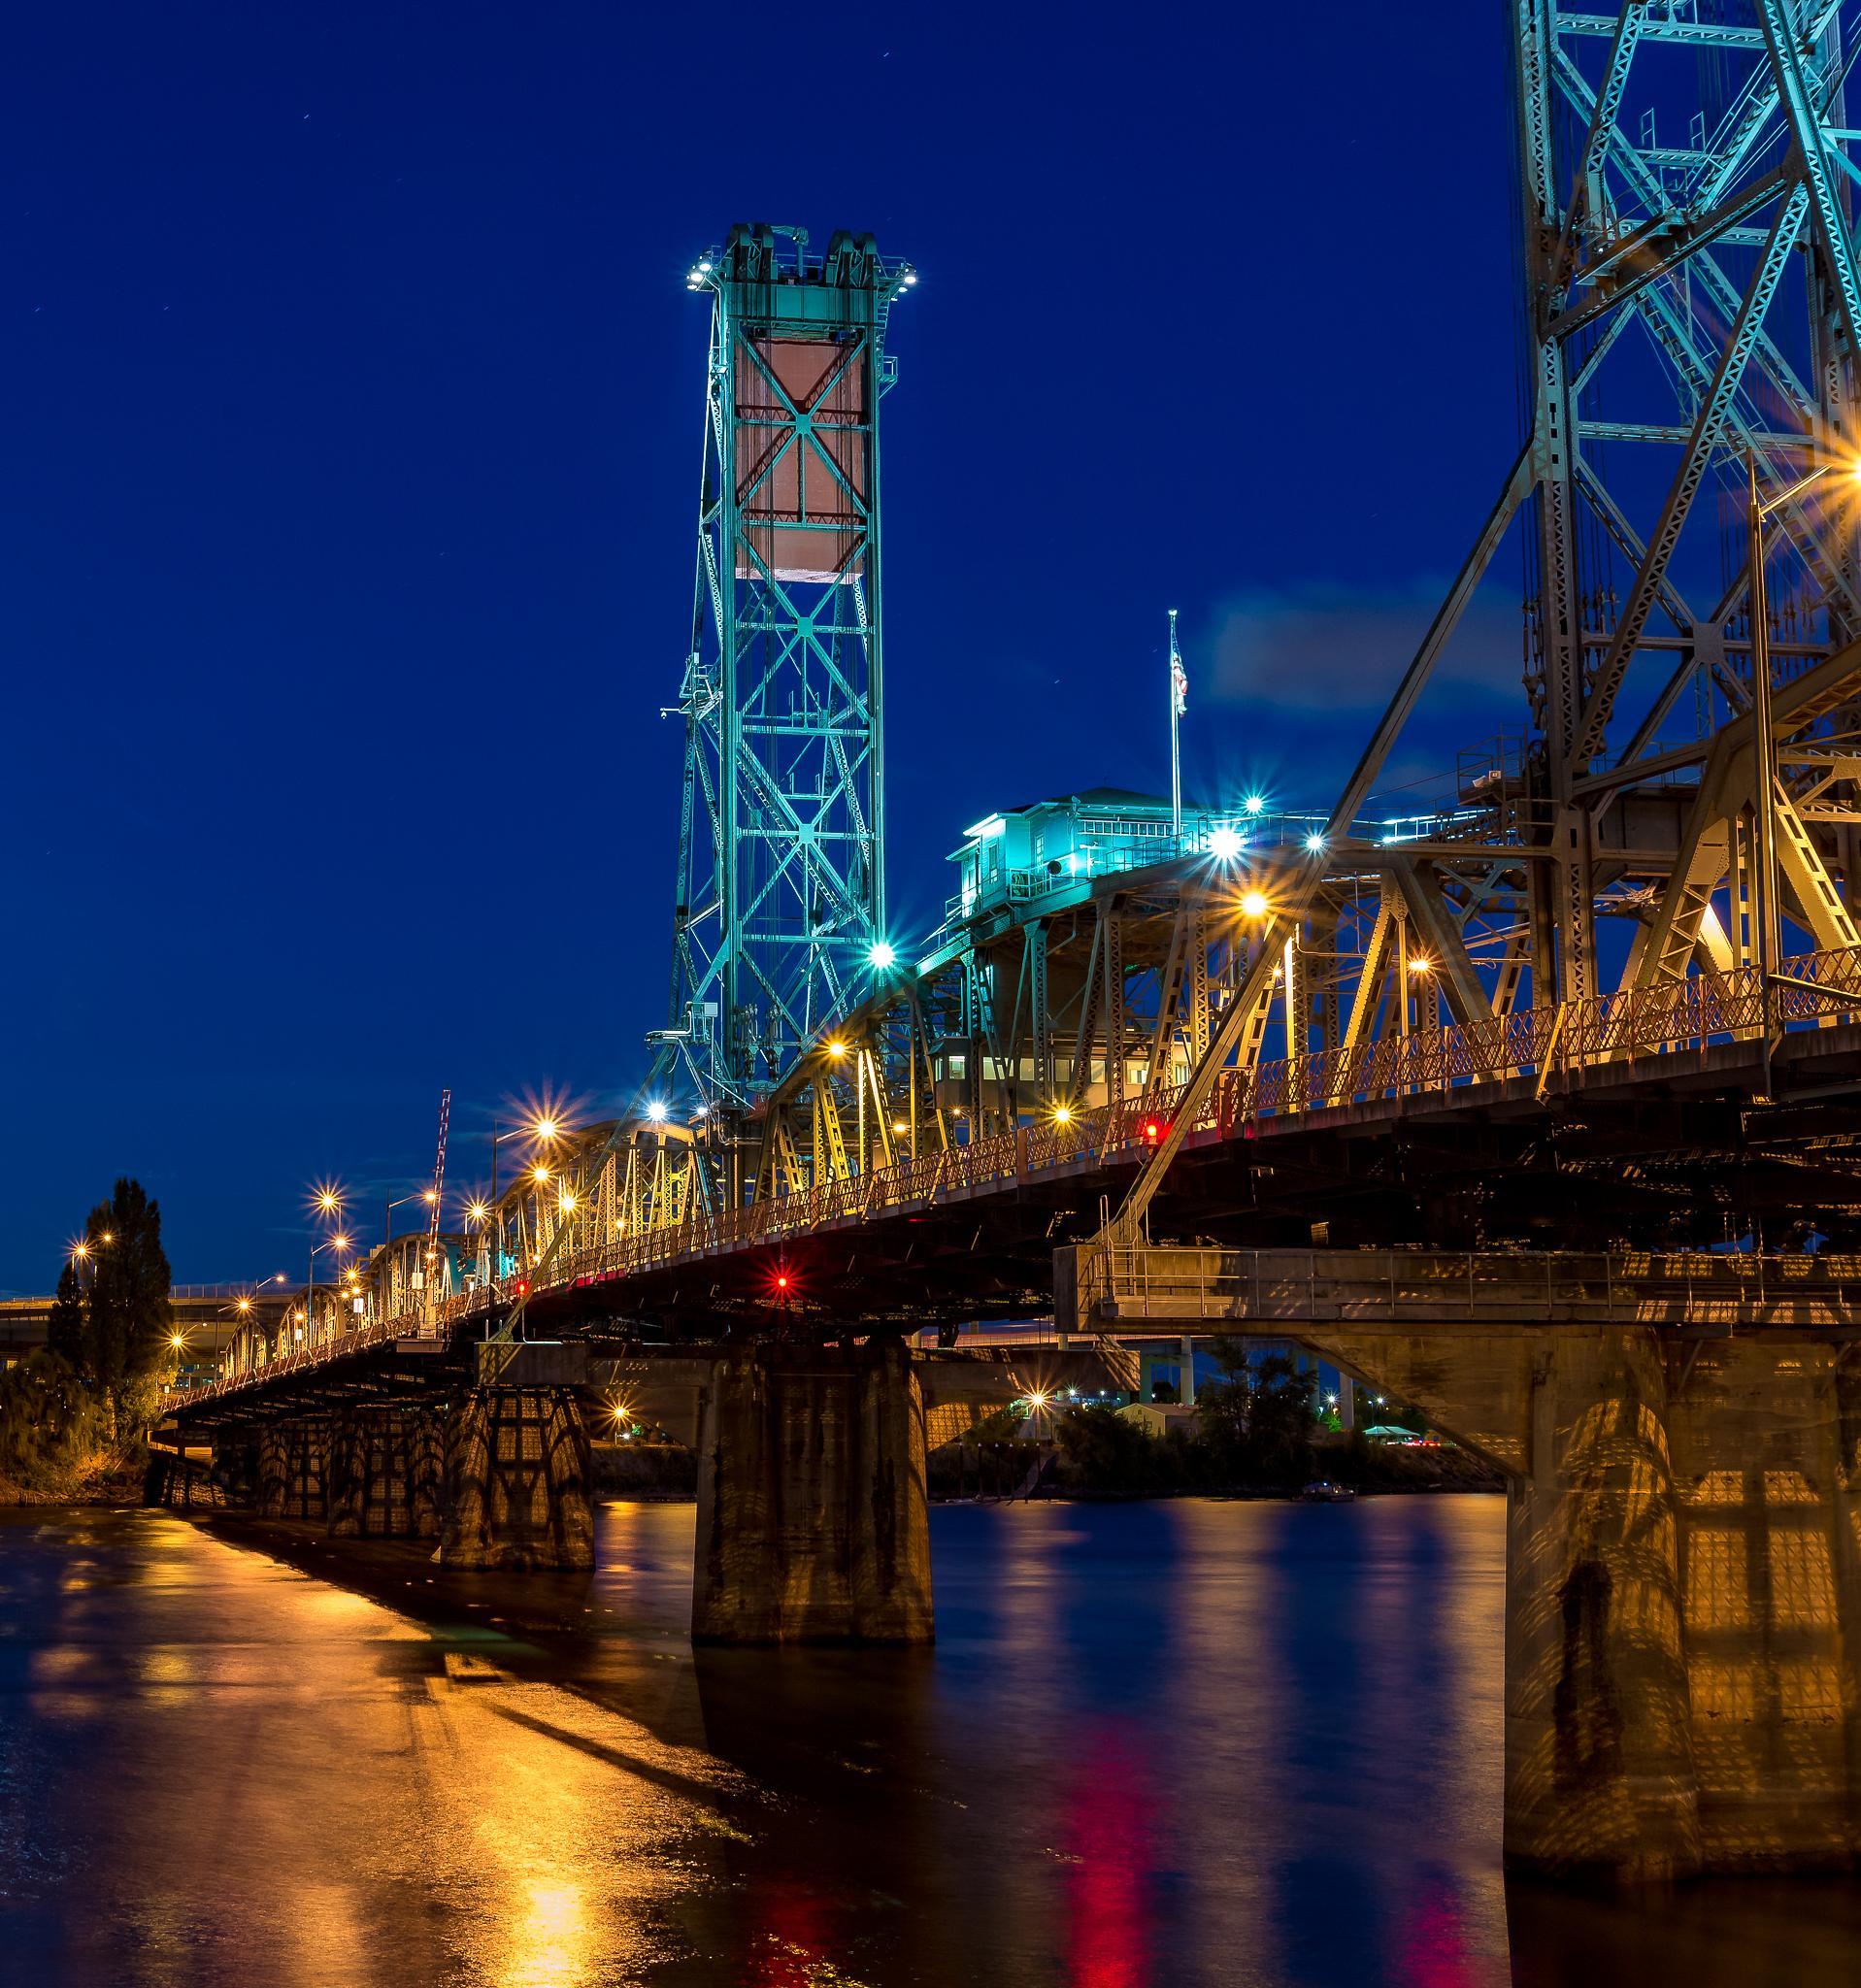 Hawthorne Bridge After Dark by Curt Wells